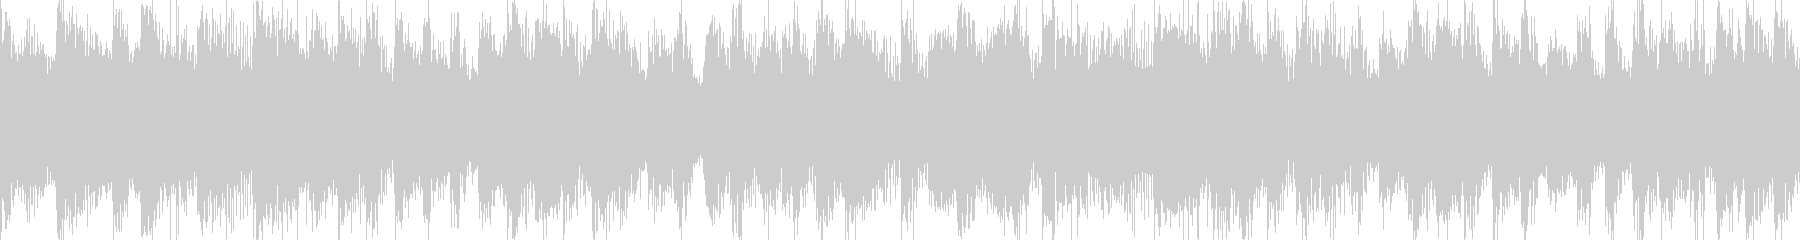 ピアノメインの昔懐かしいバンドサウンドの未再生の波形